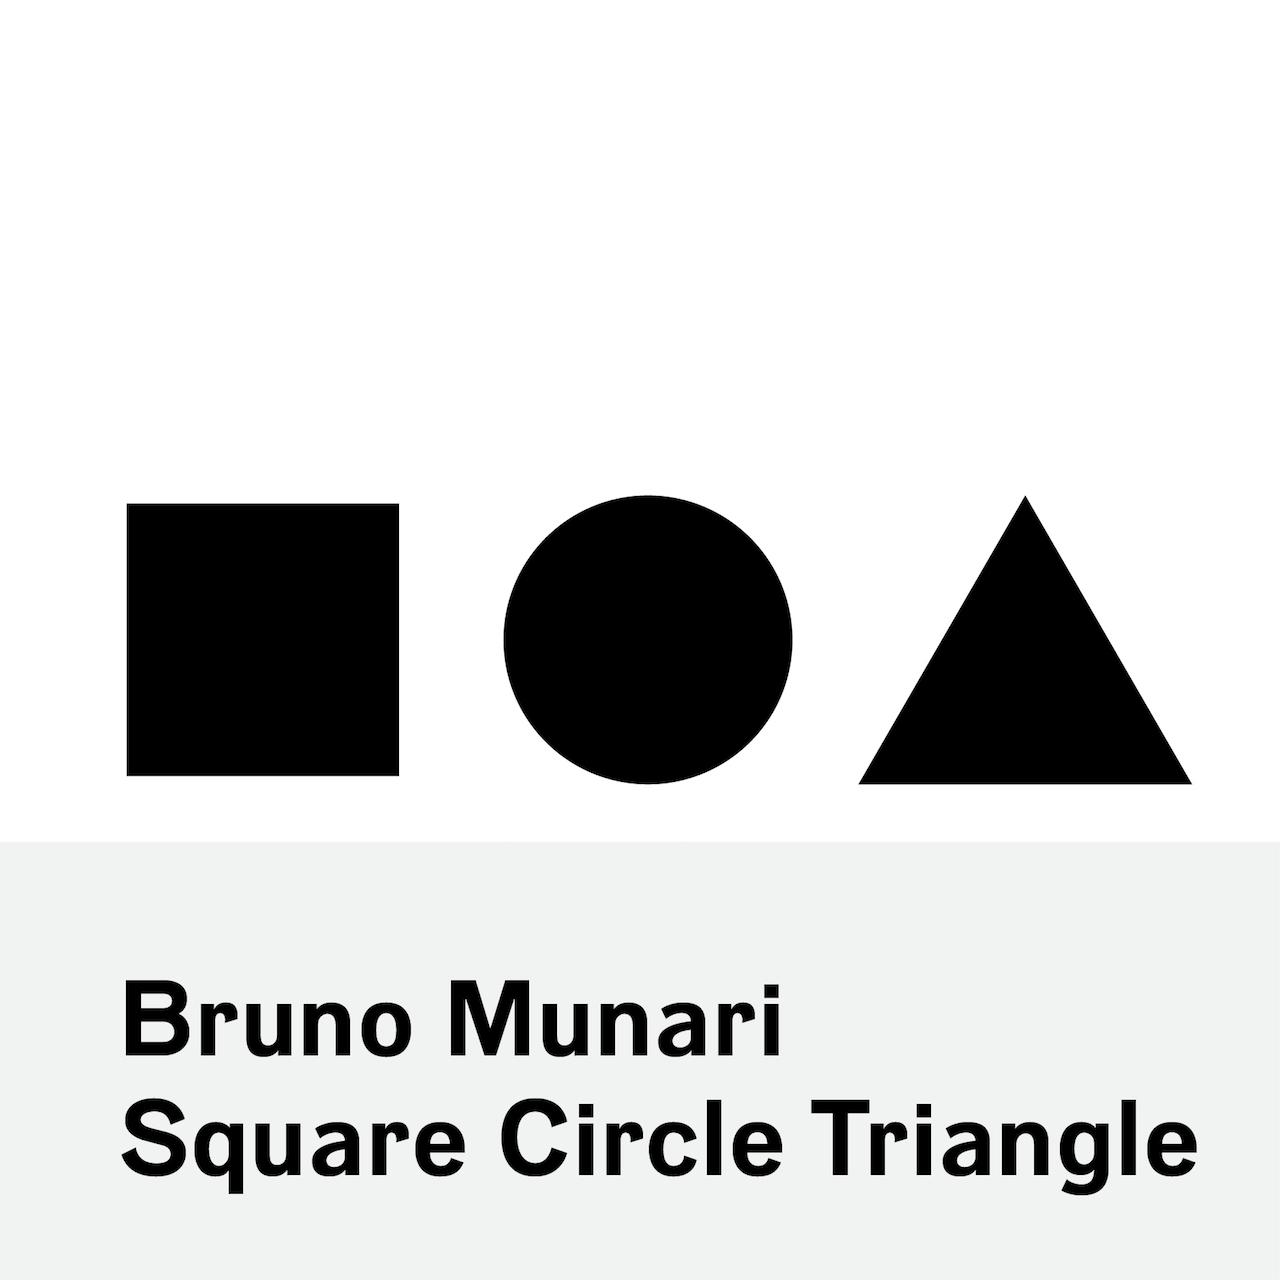 squarecircle01